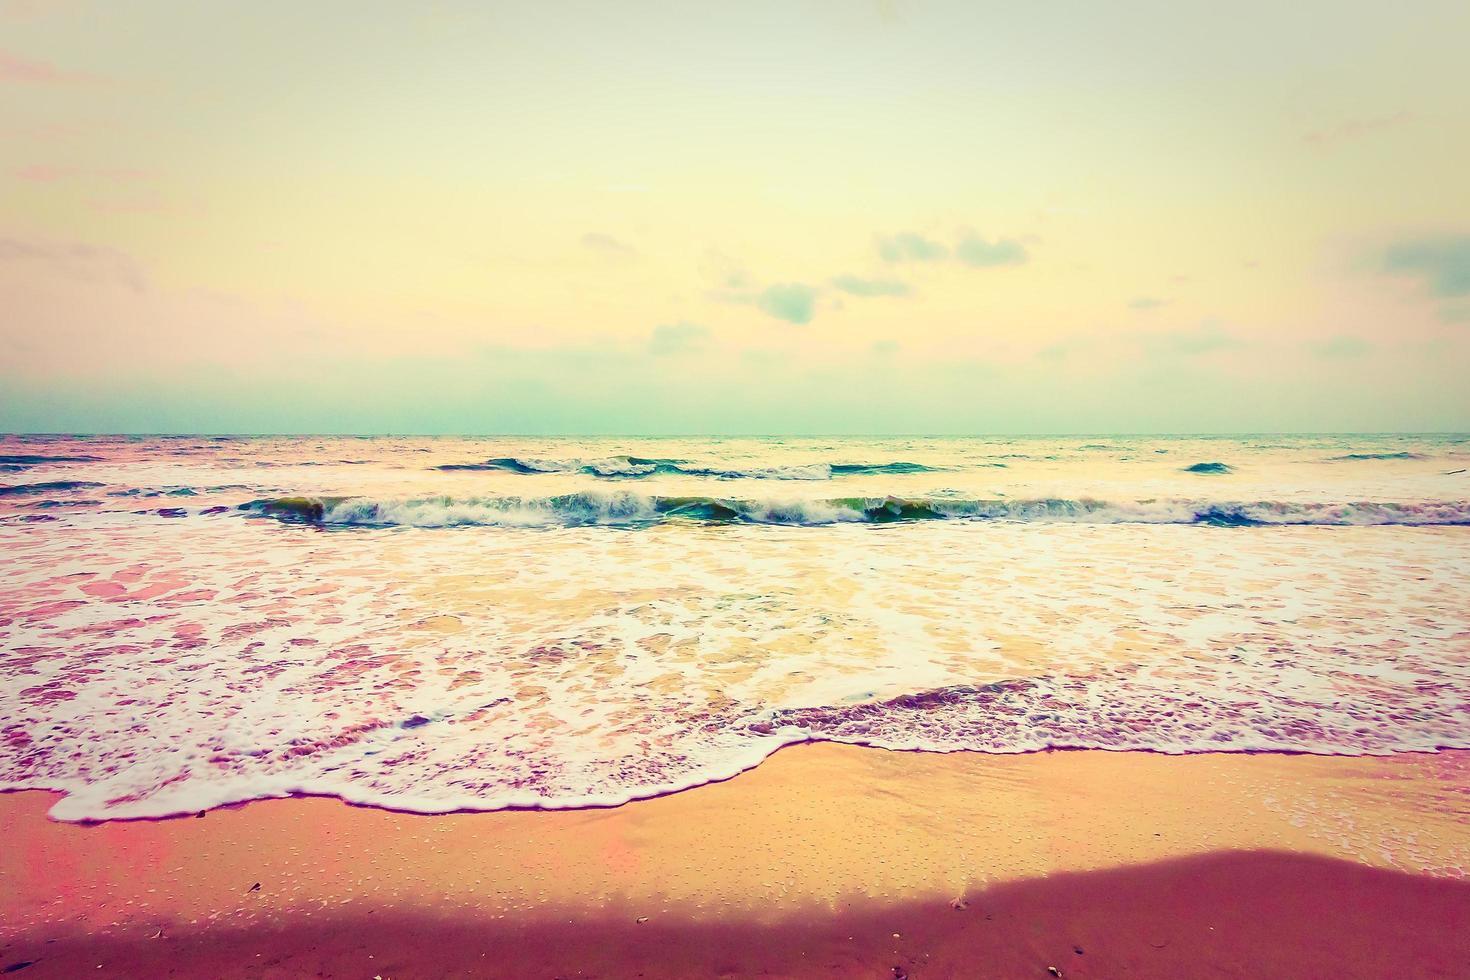 mar y playa vintage foto